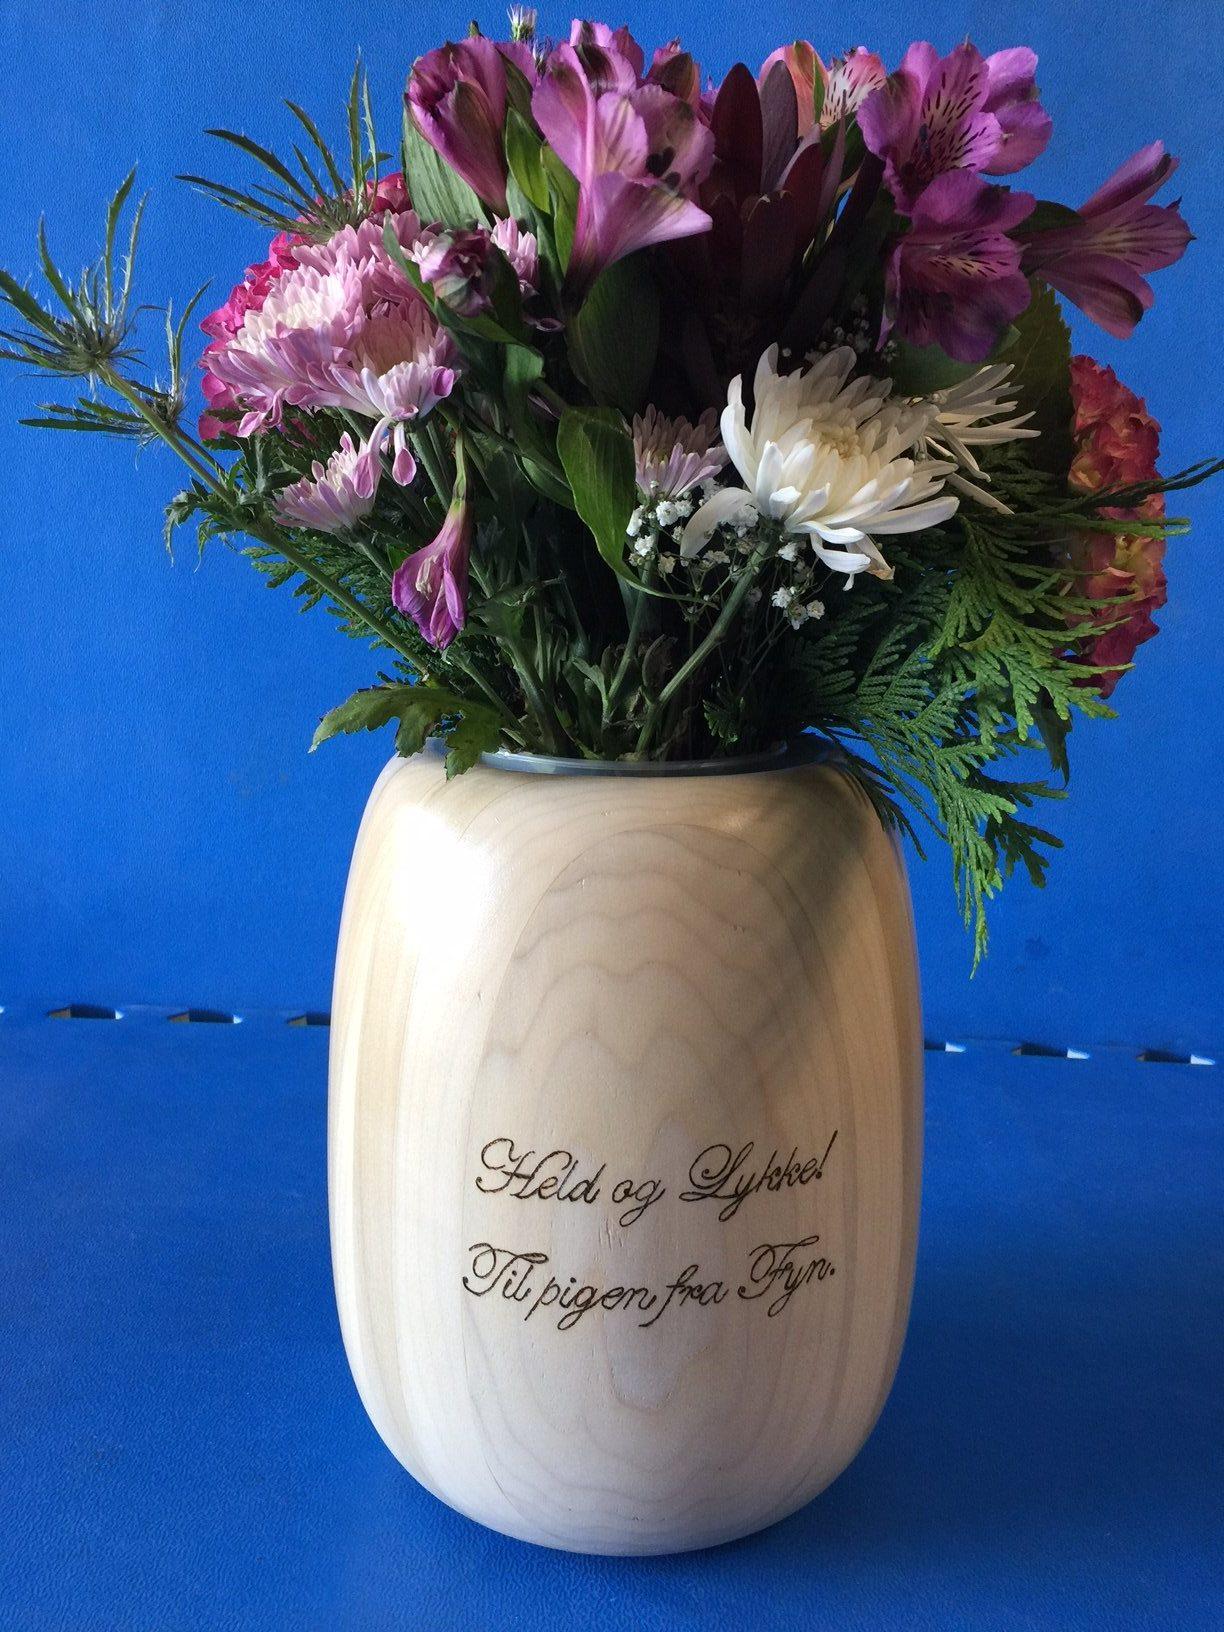 steel cup free memorial mint glass custom monogram gift metal personalized engraved flower wedding vases stainless vase julep engravedi